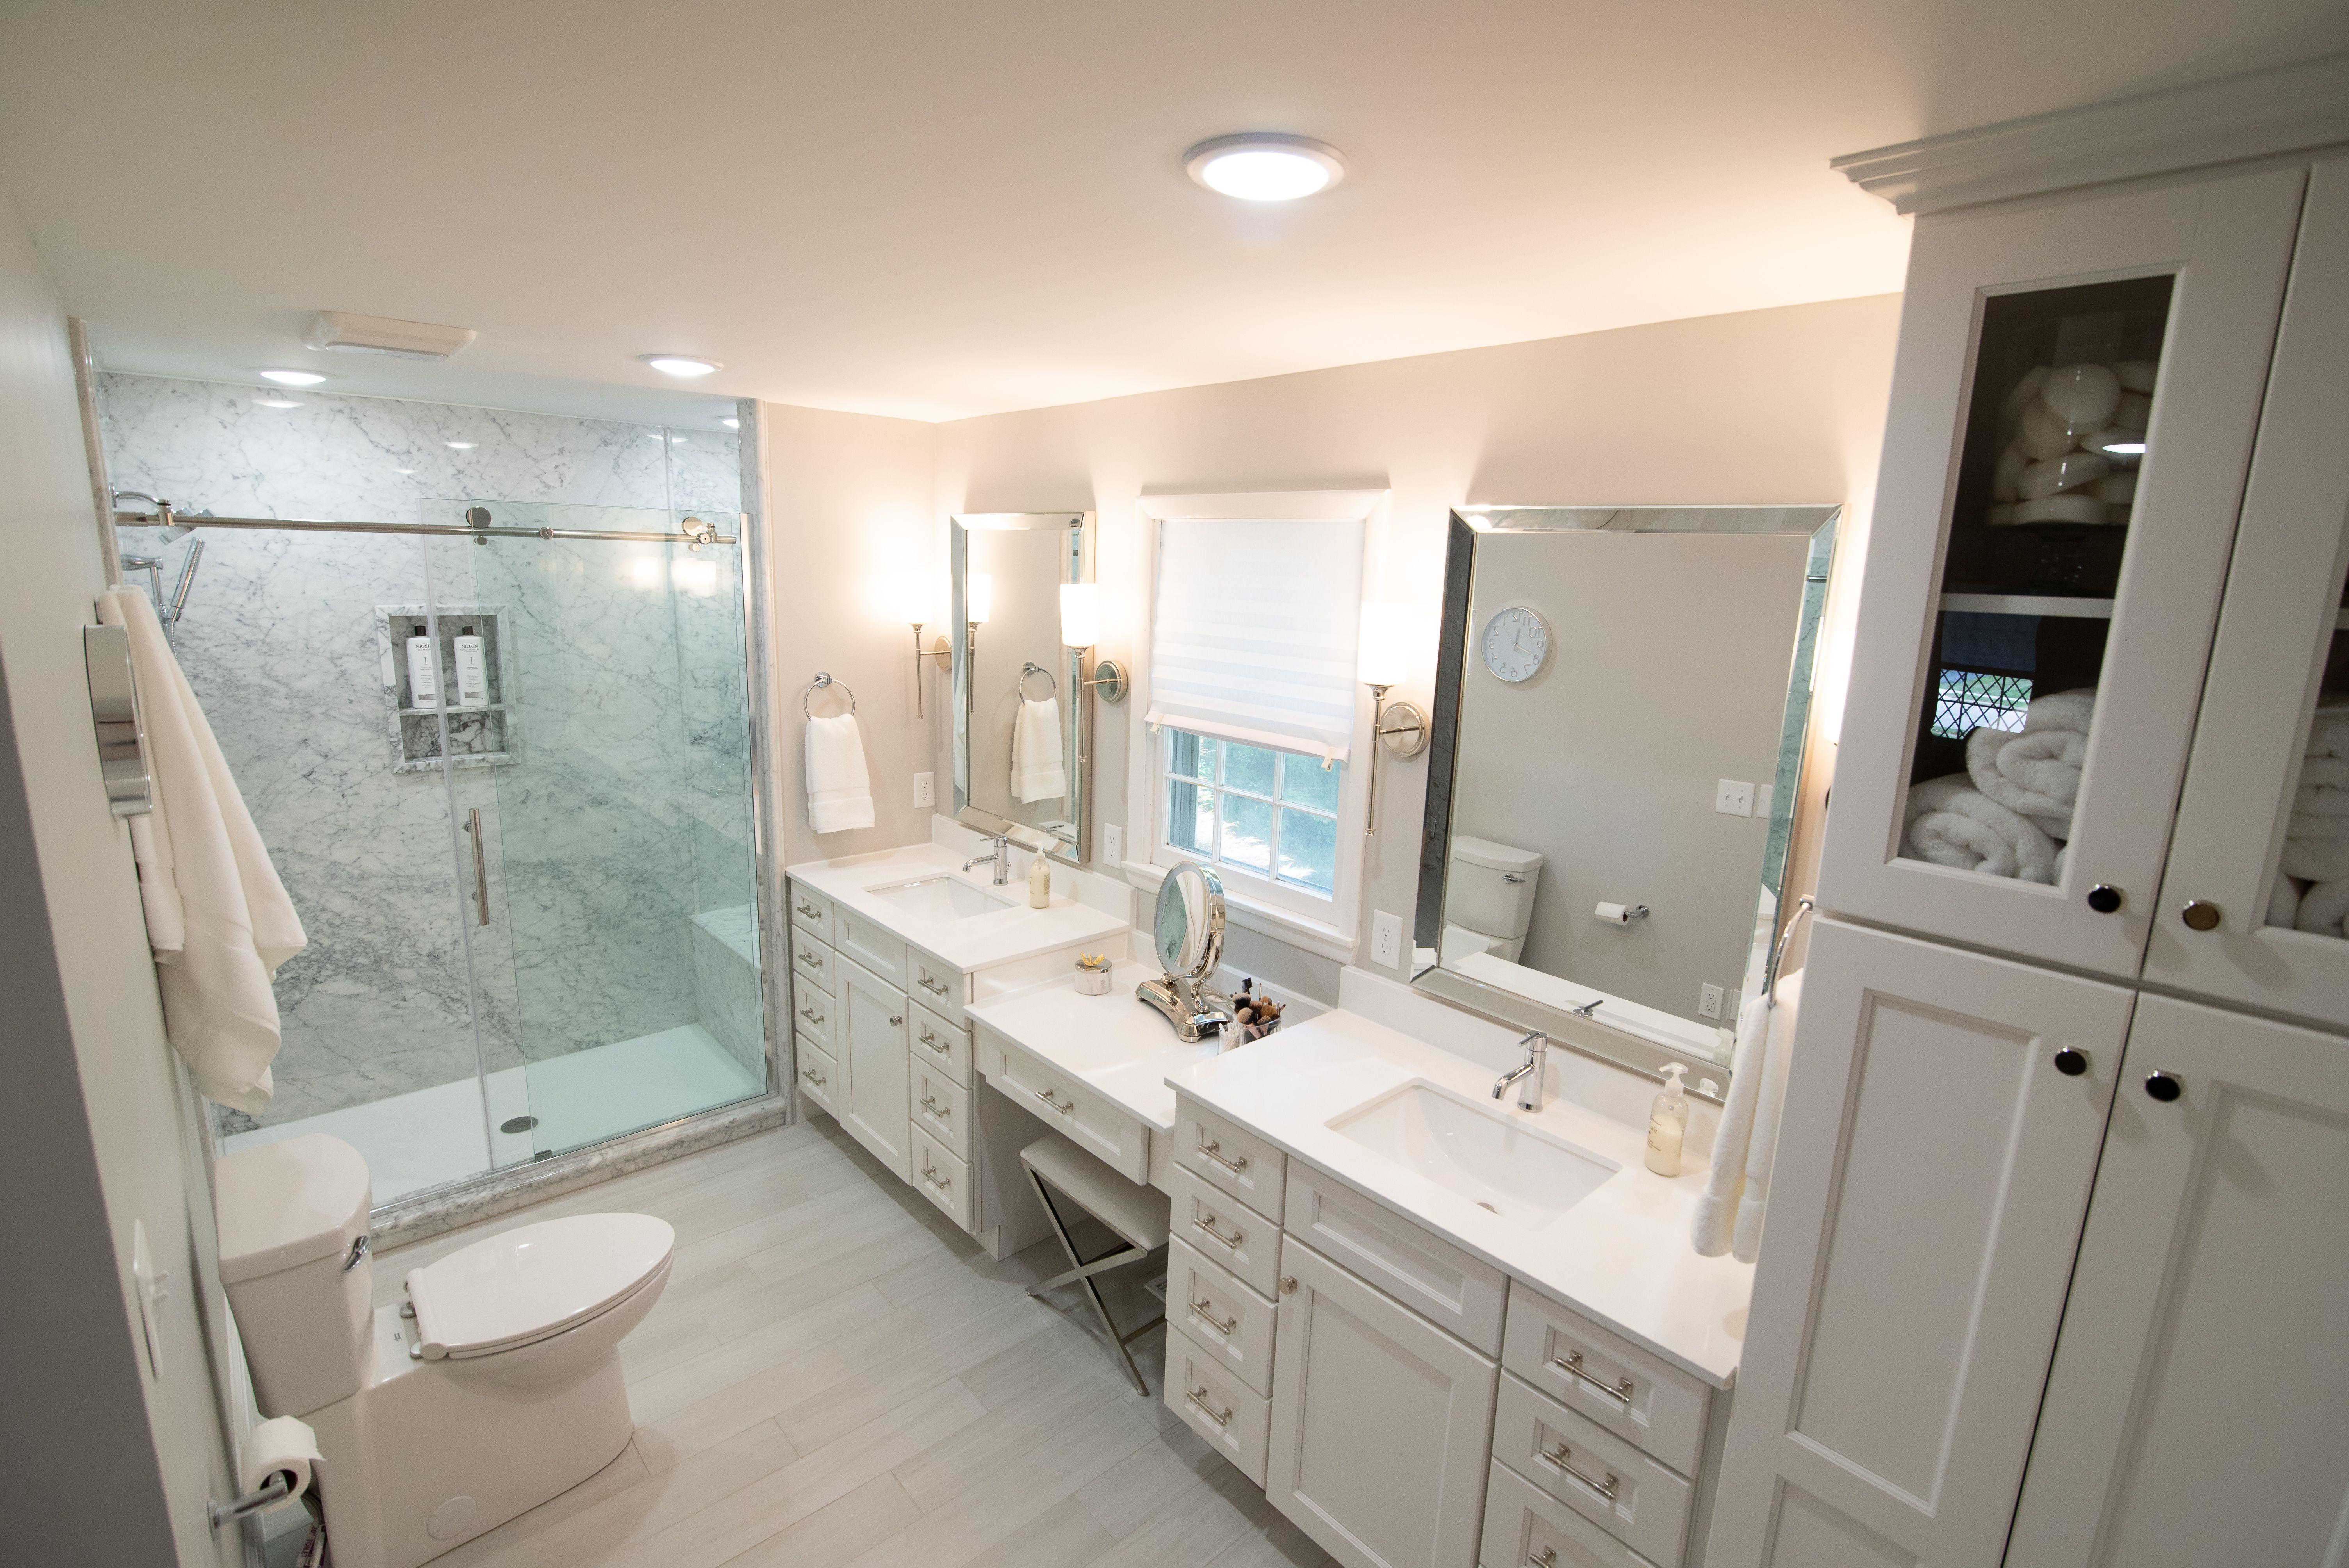 14 Fresh And Stylish Small Bathroom Remodel Add Storage Ideas Bathroom Remodel Cost Small Bathroom